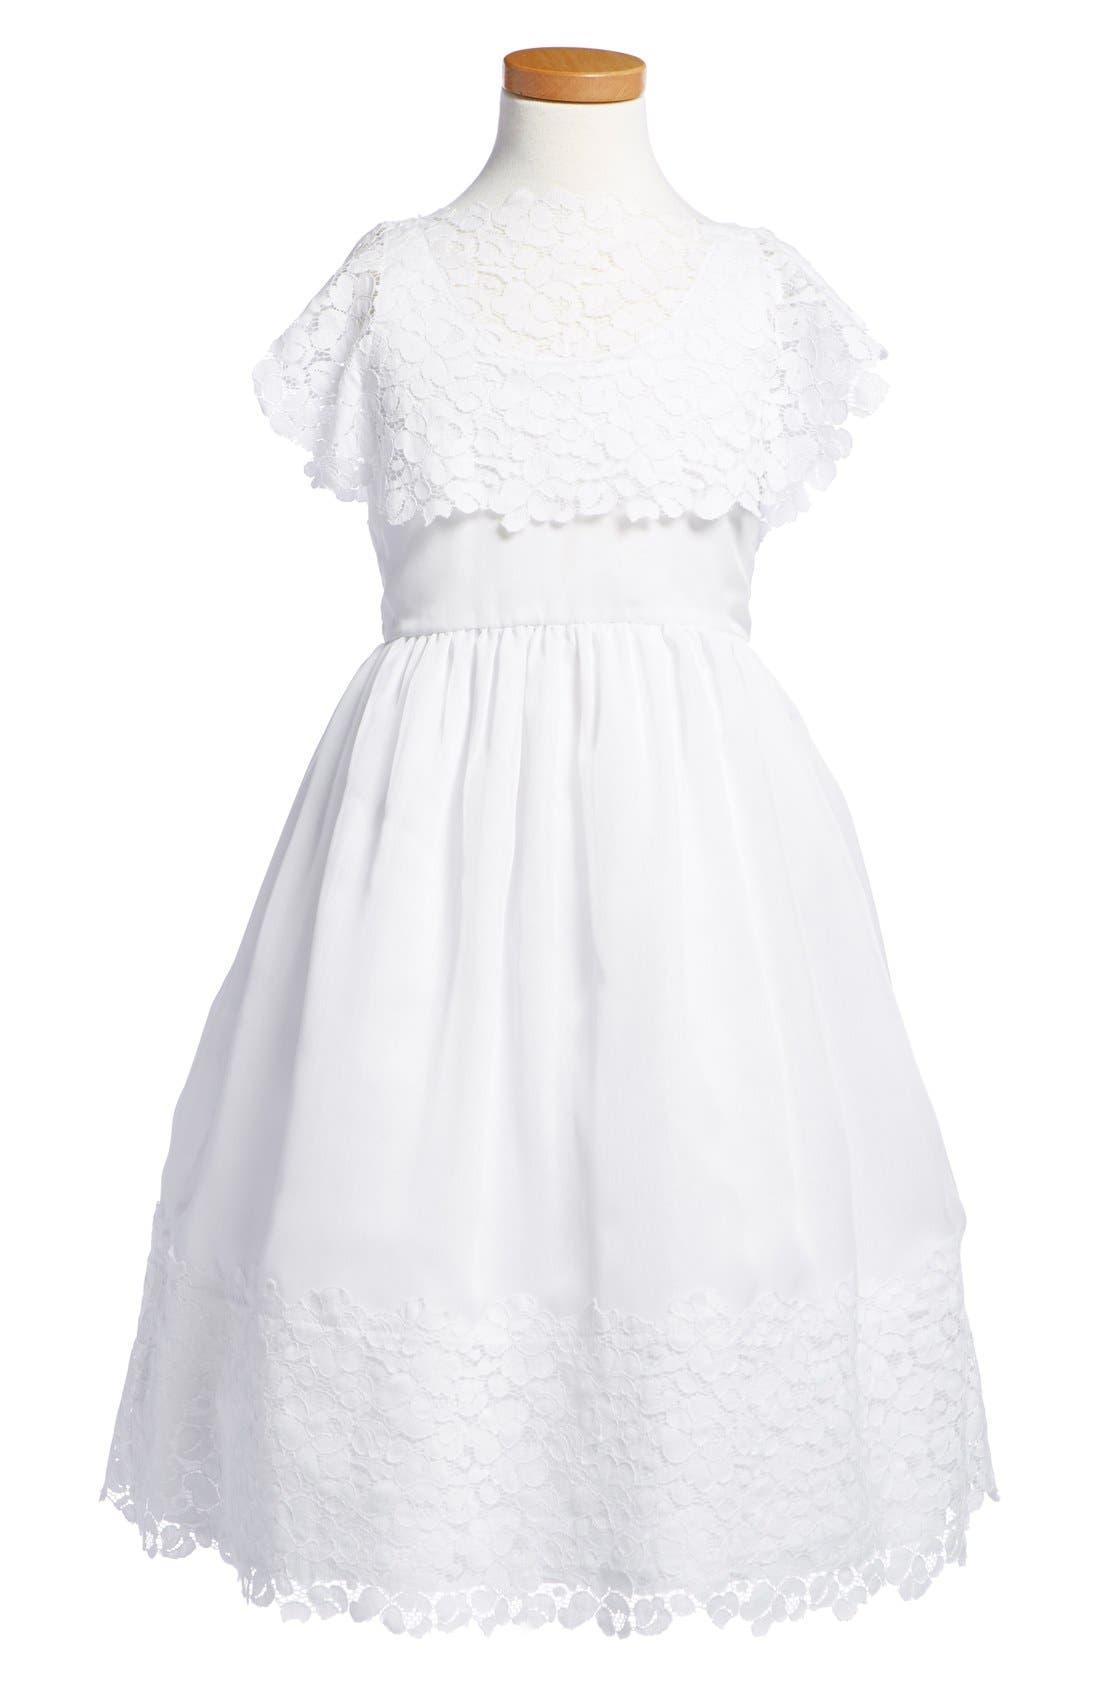 ISABEL GARRETON Floral Lace Dress